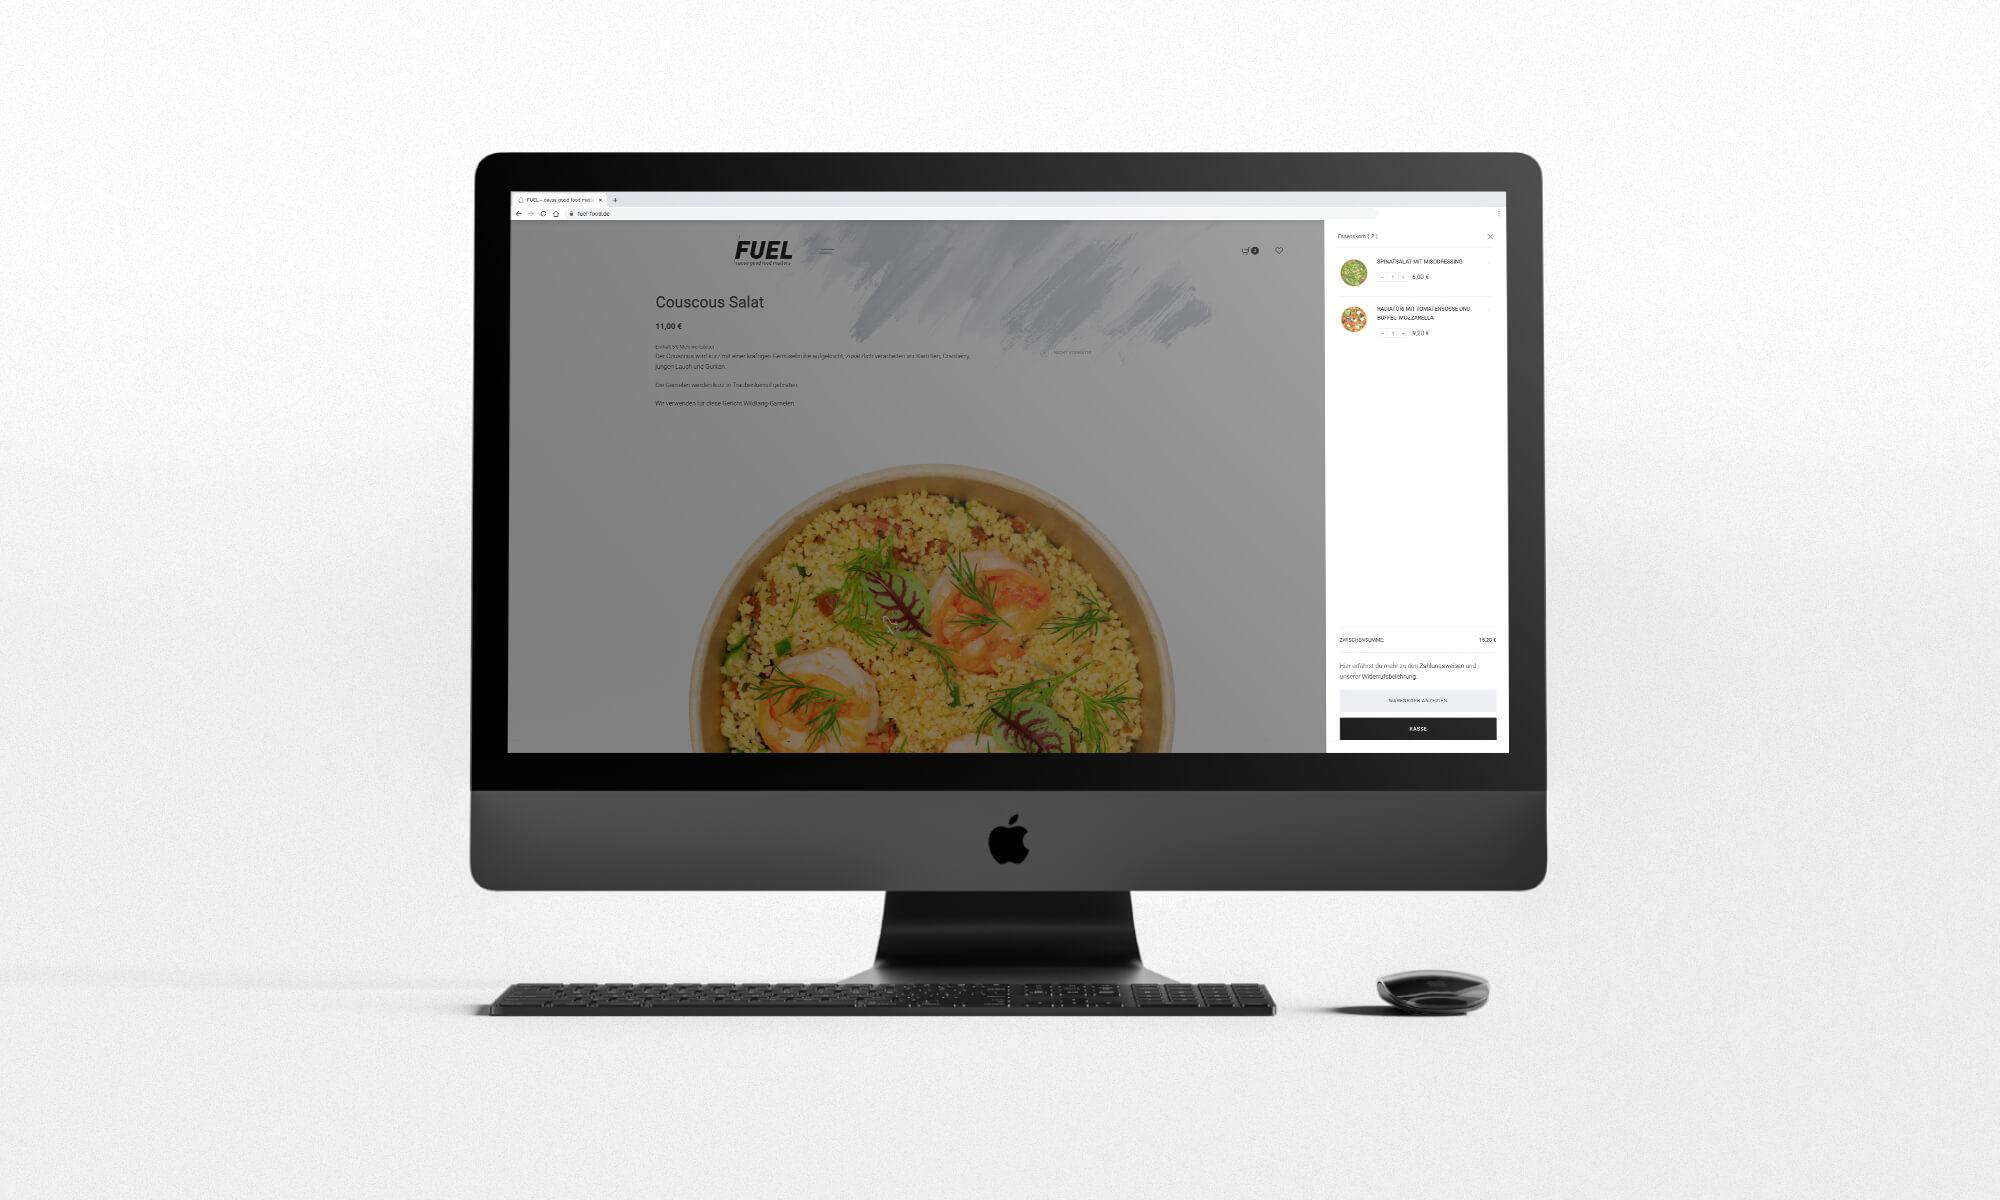 Schau und Horch Website Fuel - corporate identity